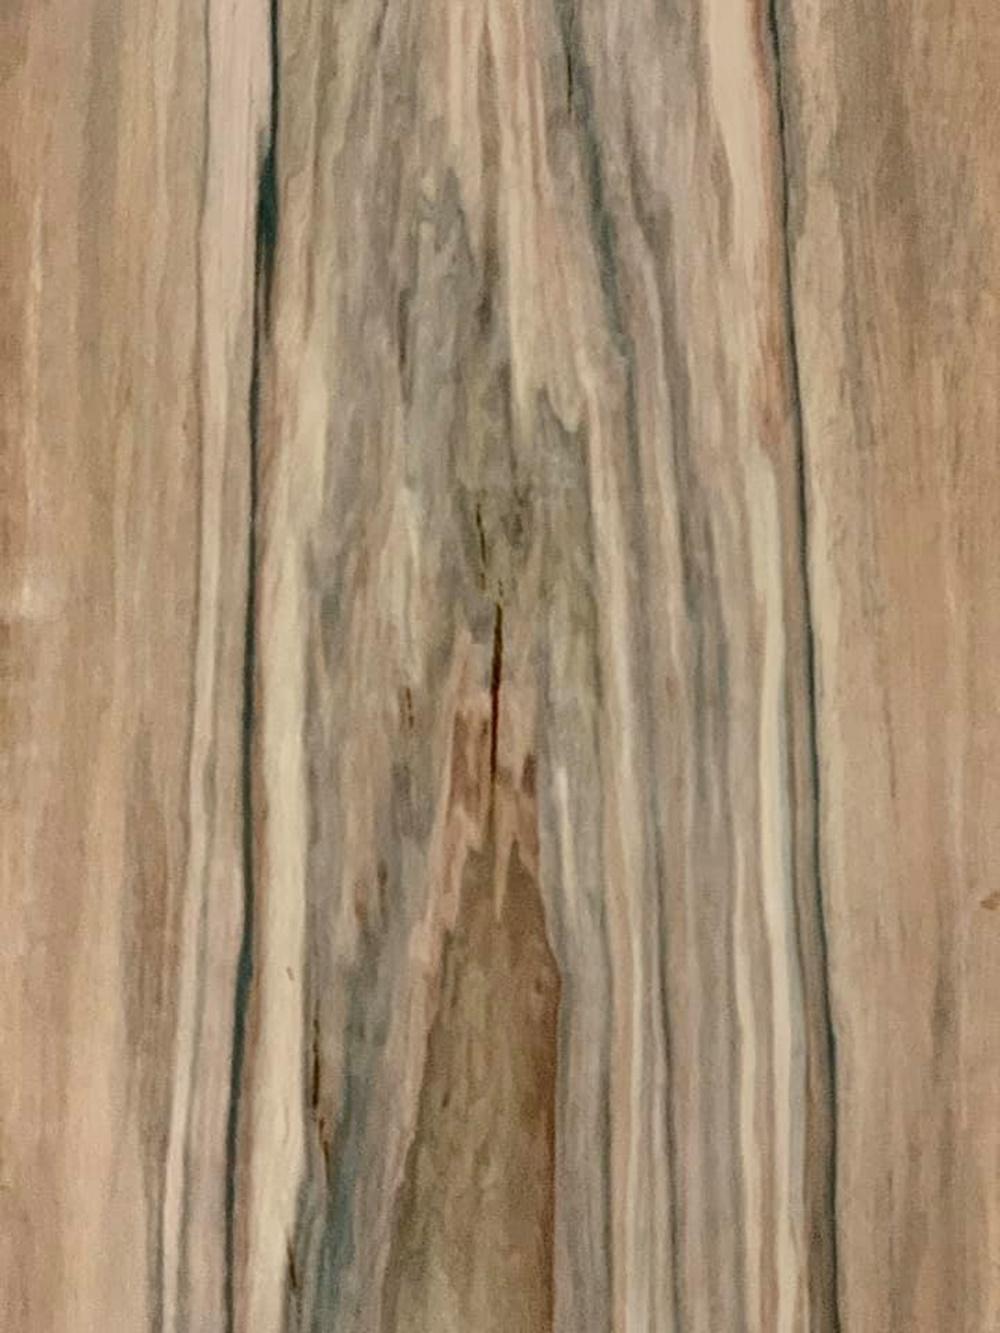 木紋,木箔,歲月痕跡